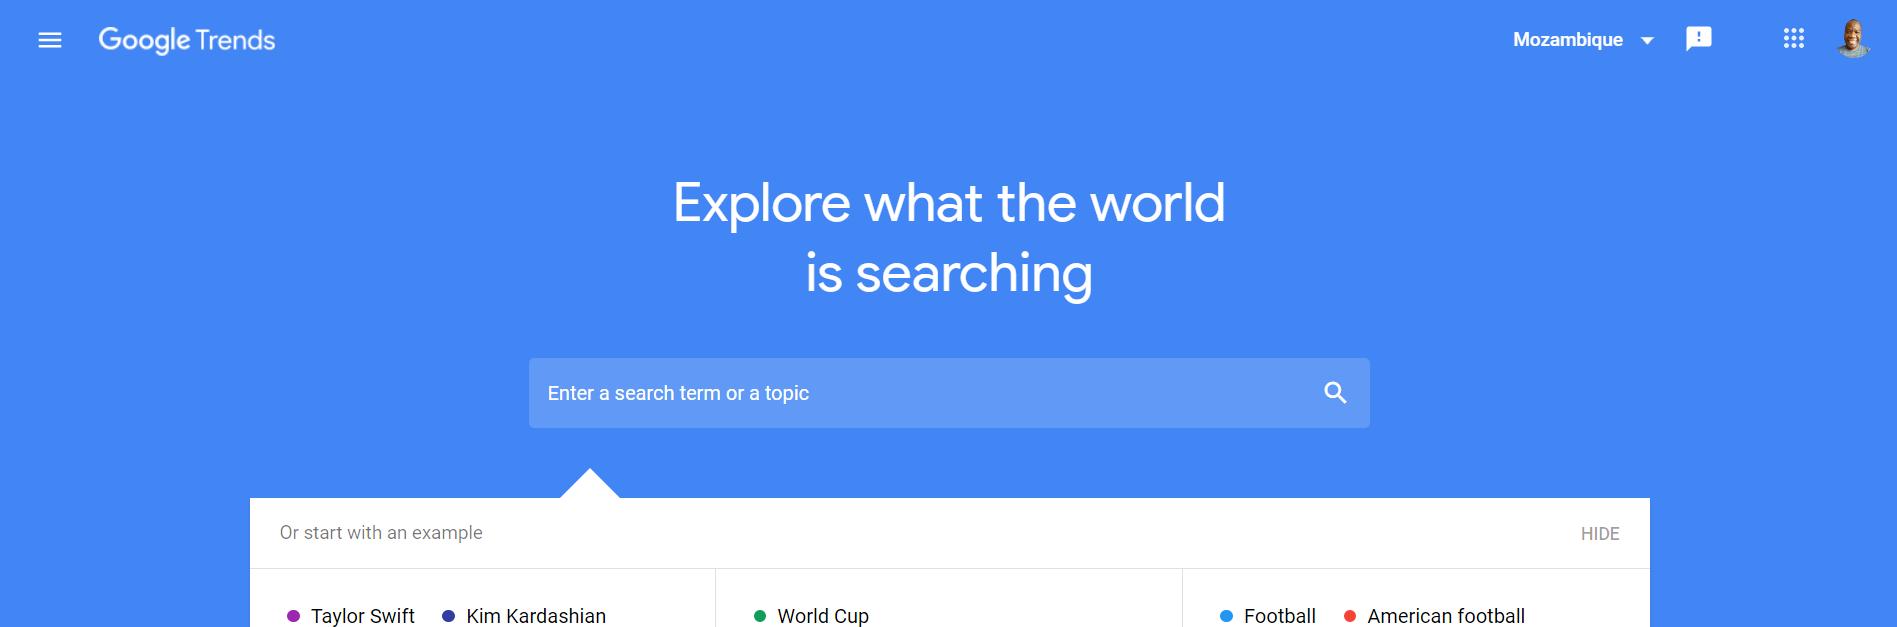 13 Ferramentas do Google Que Todo o Website Deve Usar 8